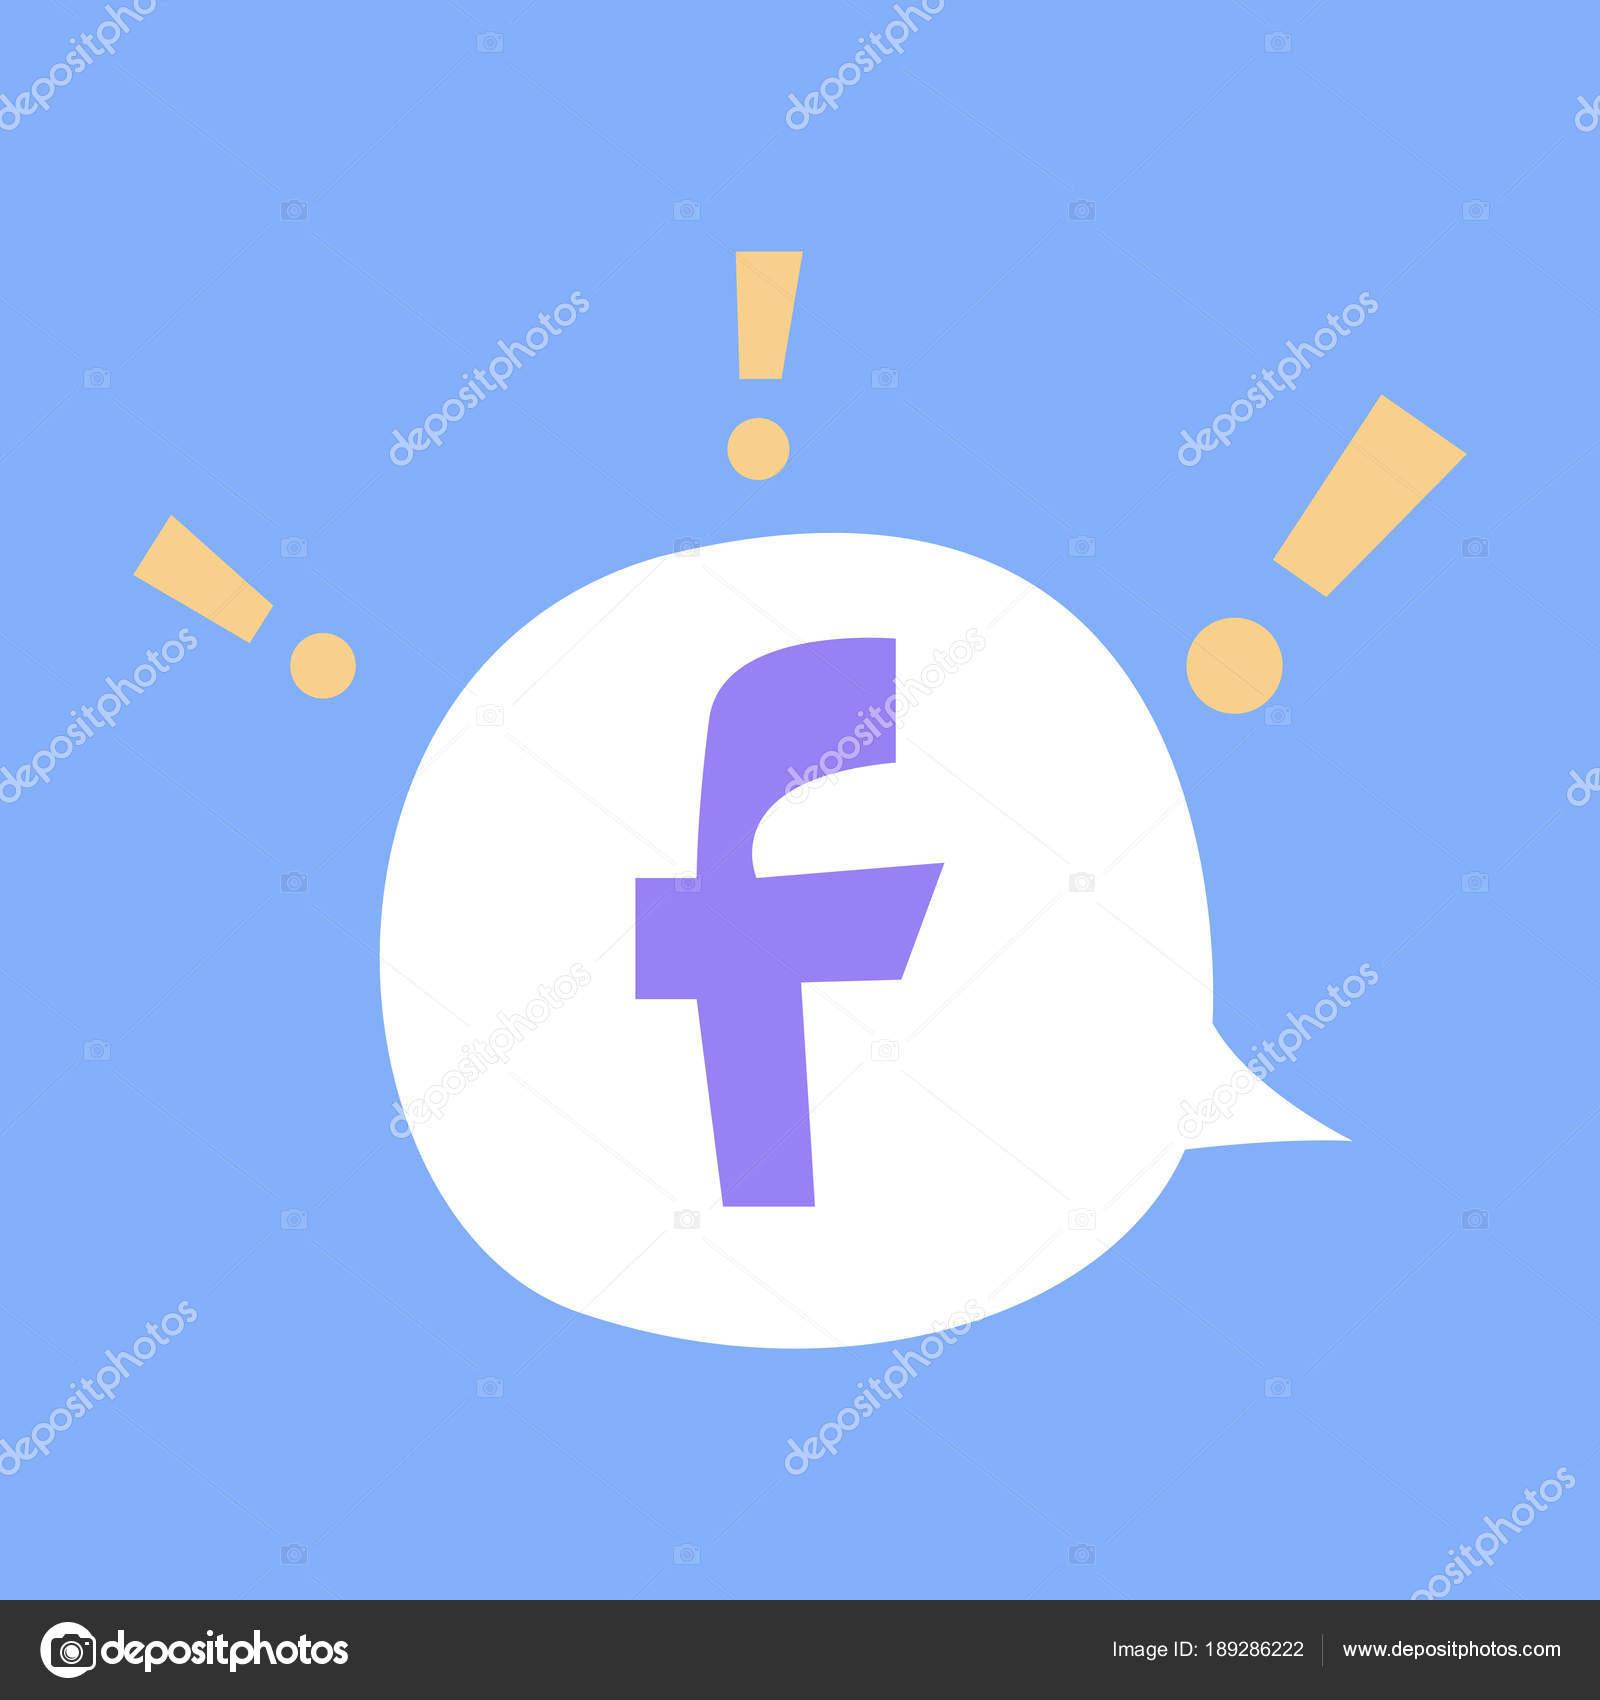 facebook icon image vector